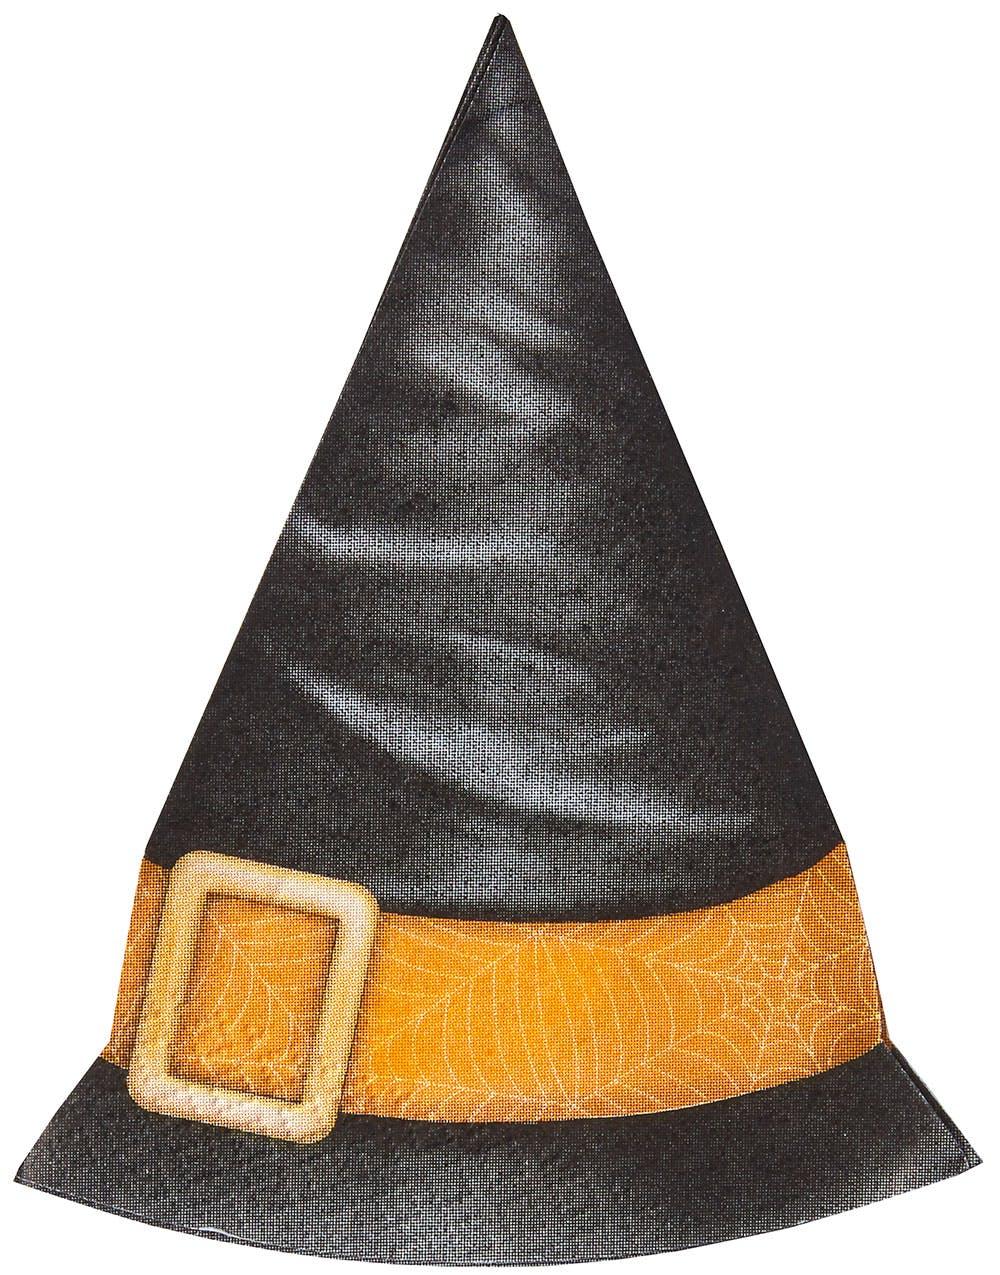 4e2e387c 12 stk Heksehatter Servietter - Spooky Halloween 12 stk Heksehatter  Servietter - Spooky Halloween